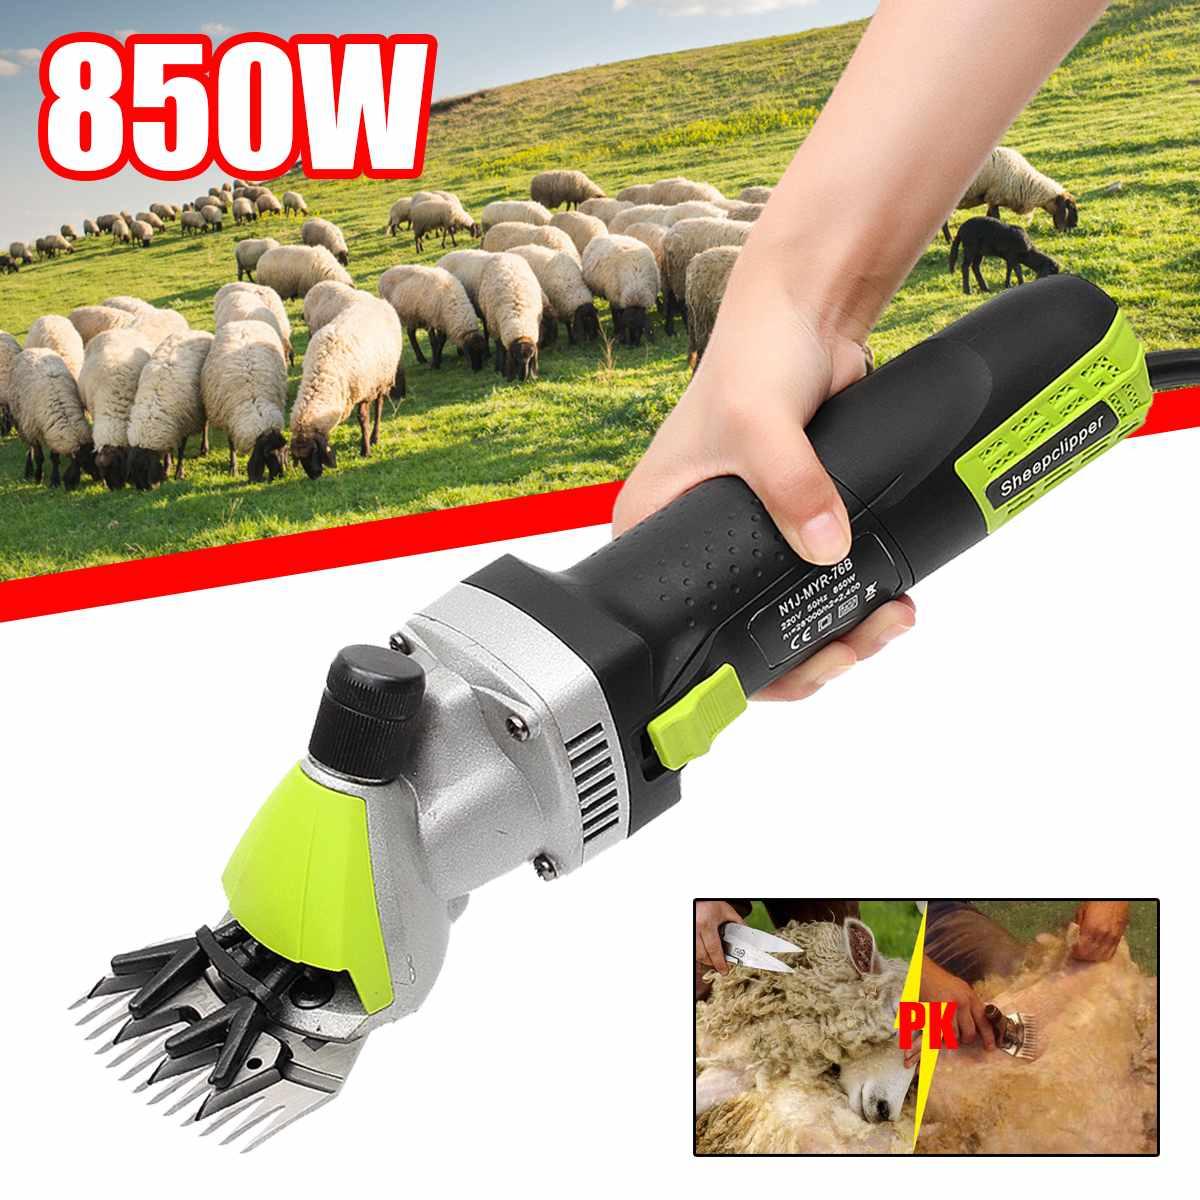 כבשים עזים שירינג קליפר בעלי החיים גוזם כלי חוות חיות מחמד כלב שיער גז מכונה חותך צמר מספריים 850 W 220 V